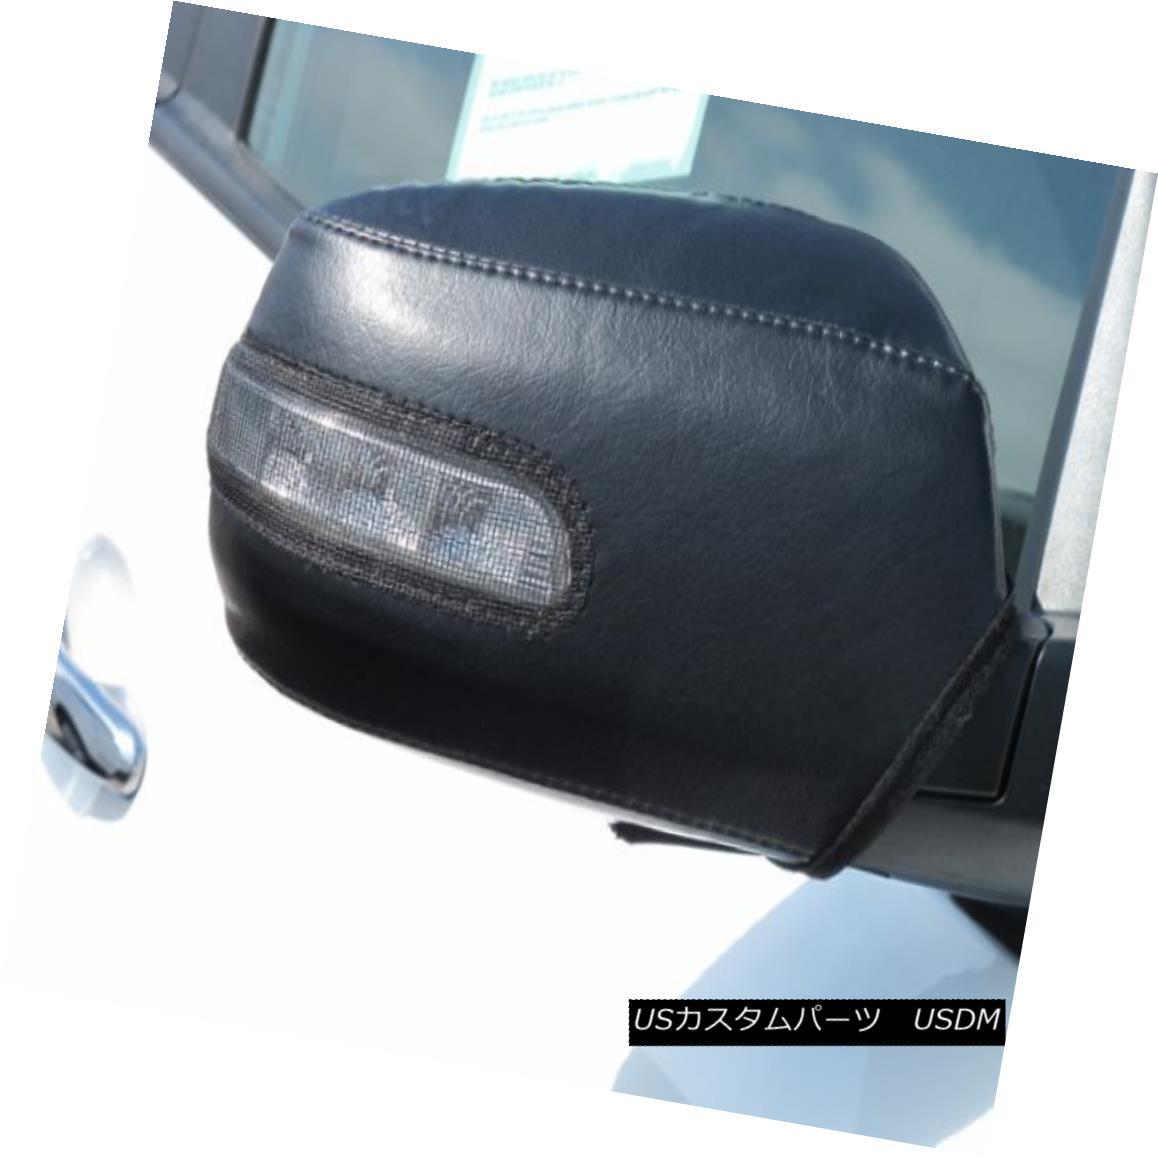 フルブラ ノーズブラ Colgan Car Mirror Covers Bra Protector Black Fits 2011-2012 KIA Sorento LX Colgan Car Mirror Covers Bra Protectors Black 2011-2012 KIA Sorento LXに適合します